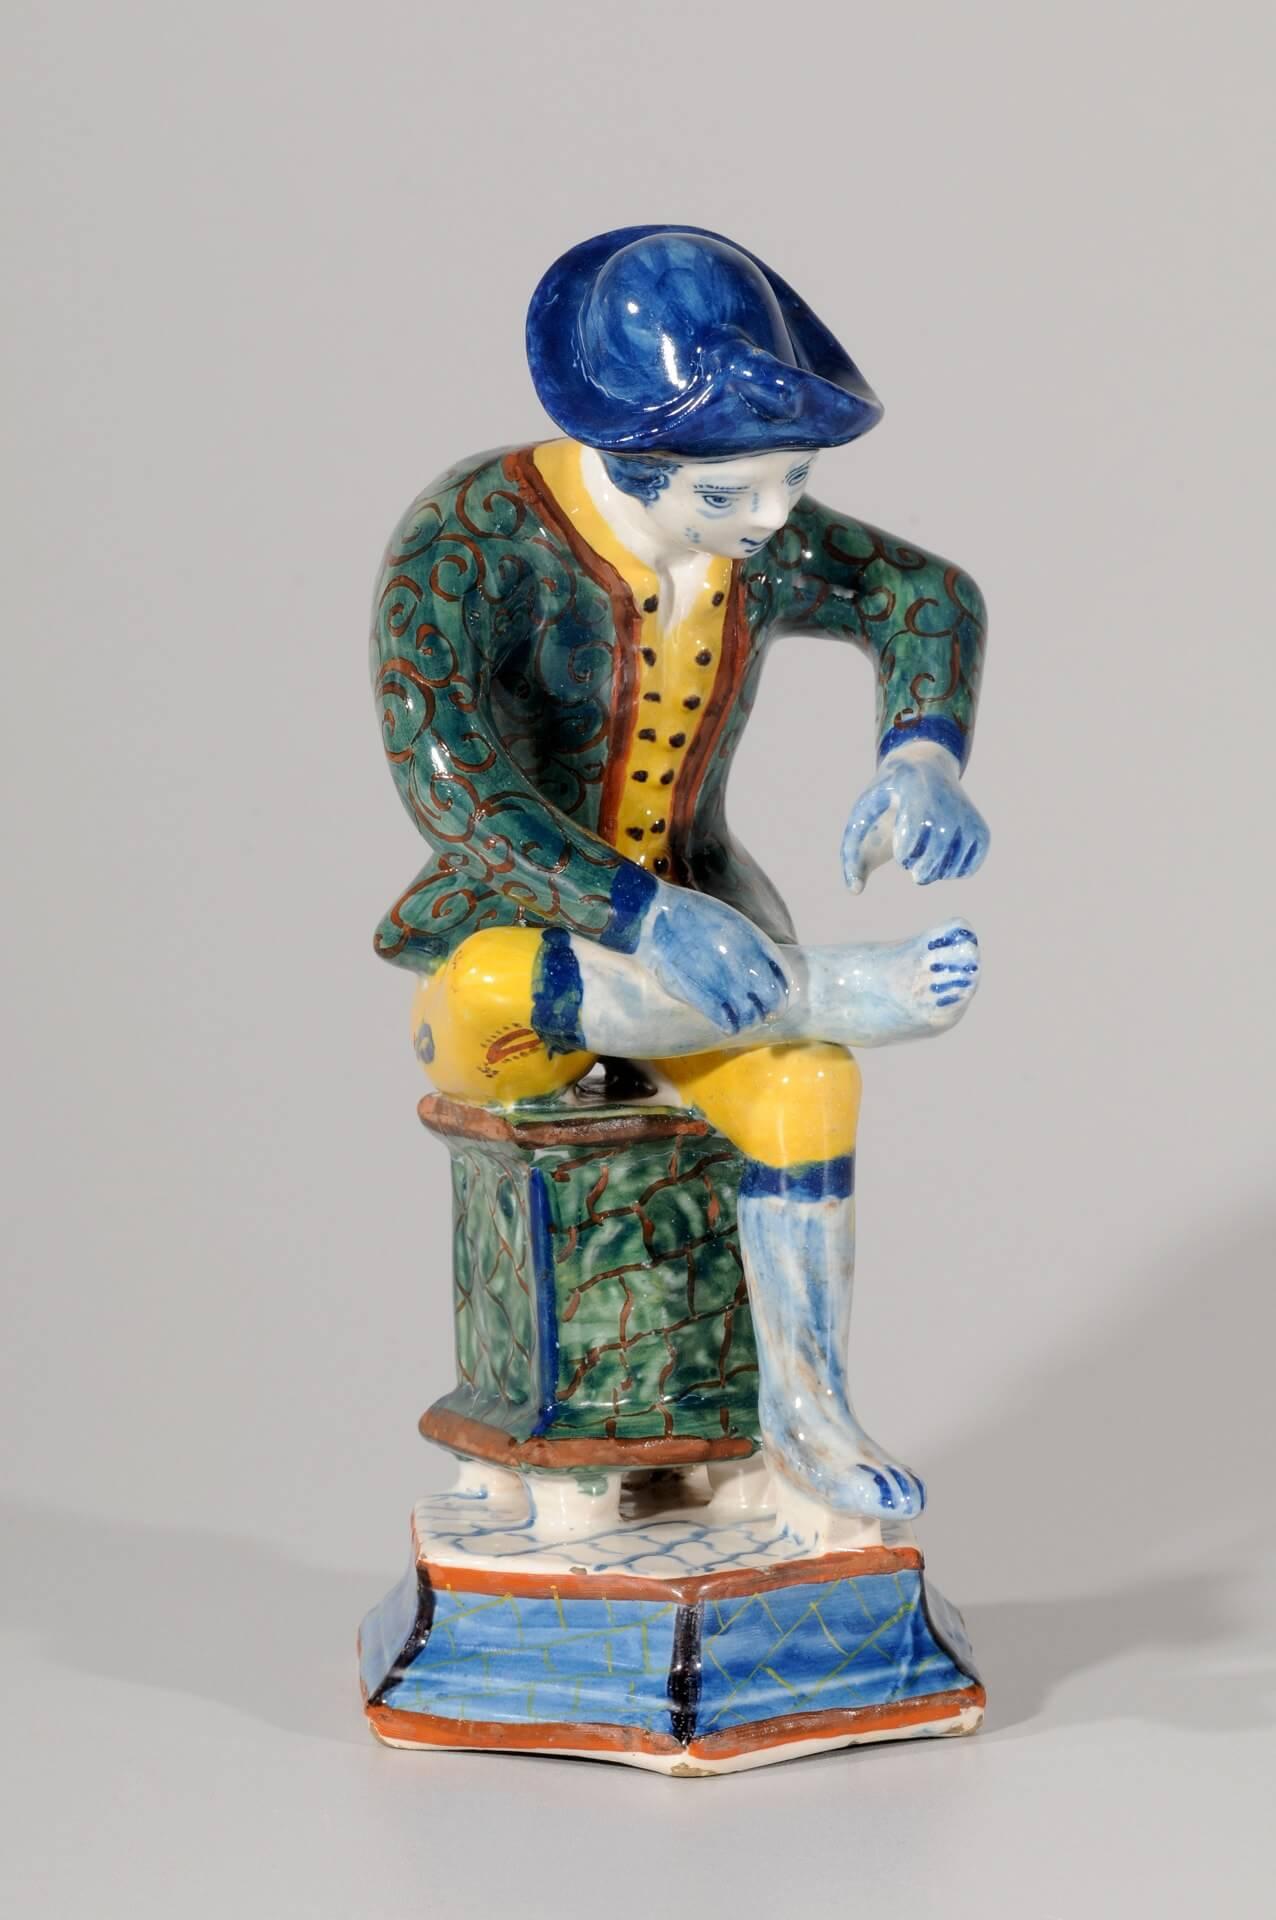 Delft Holland Ceramics polychrome figurine of man